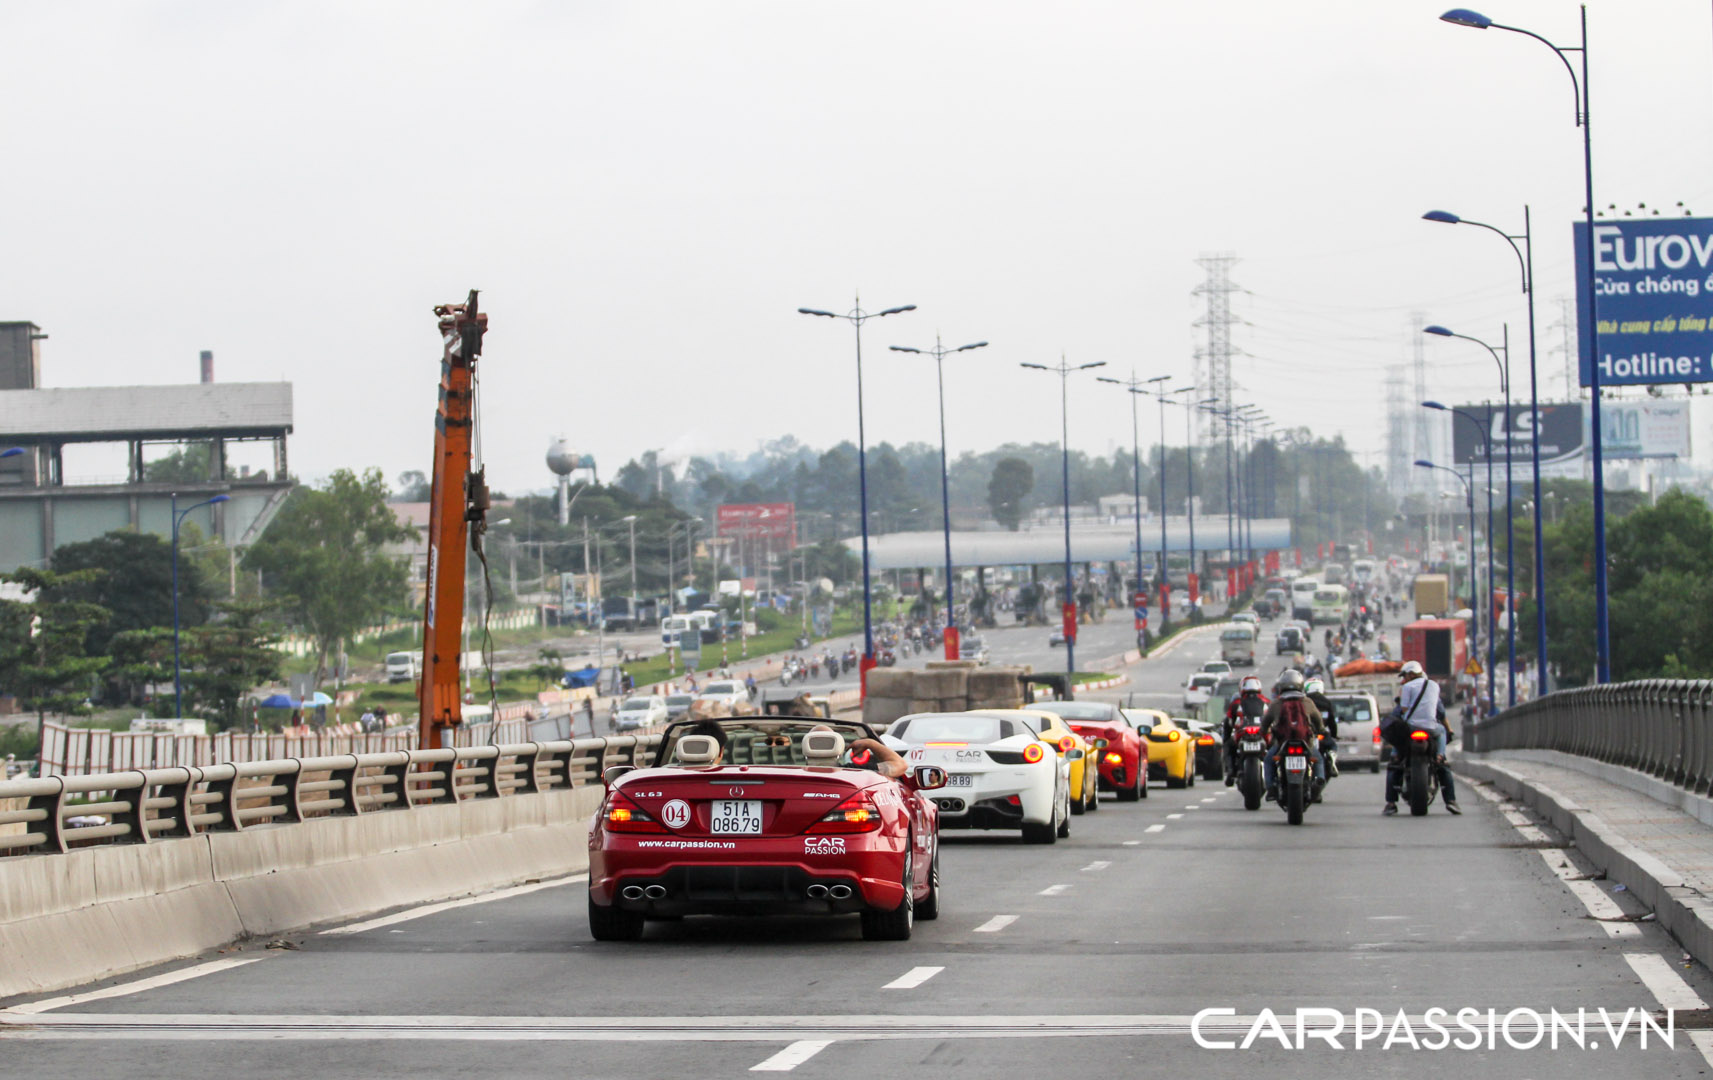 CP-Hành trình siêu xe CarPassion 2011 (70).jpg